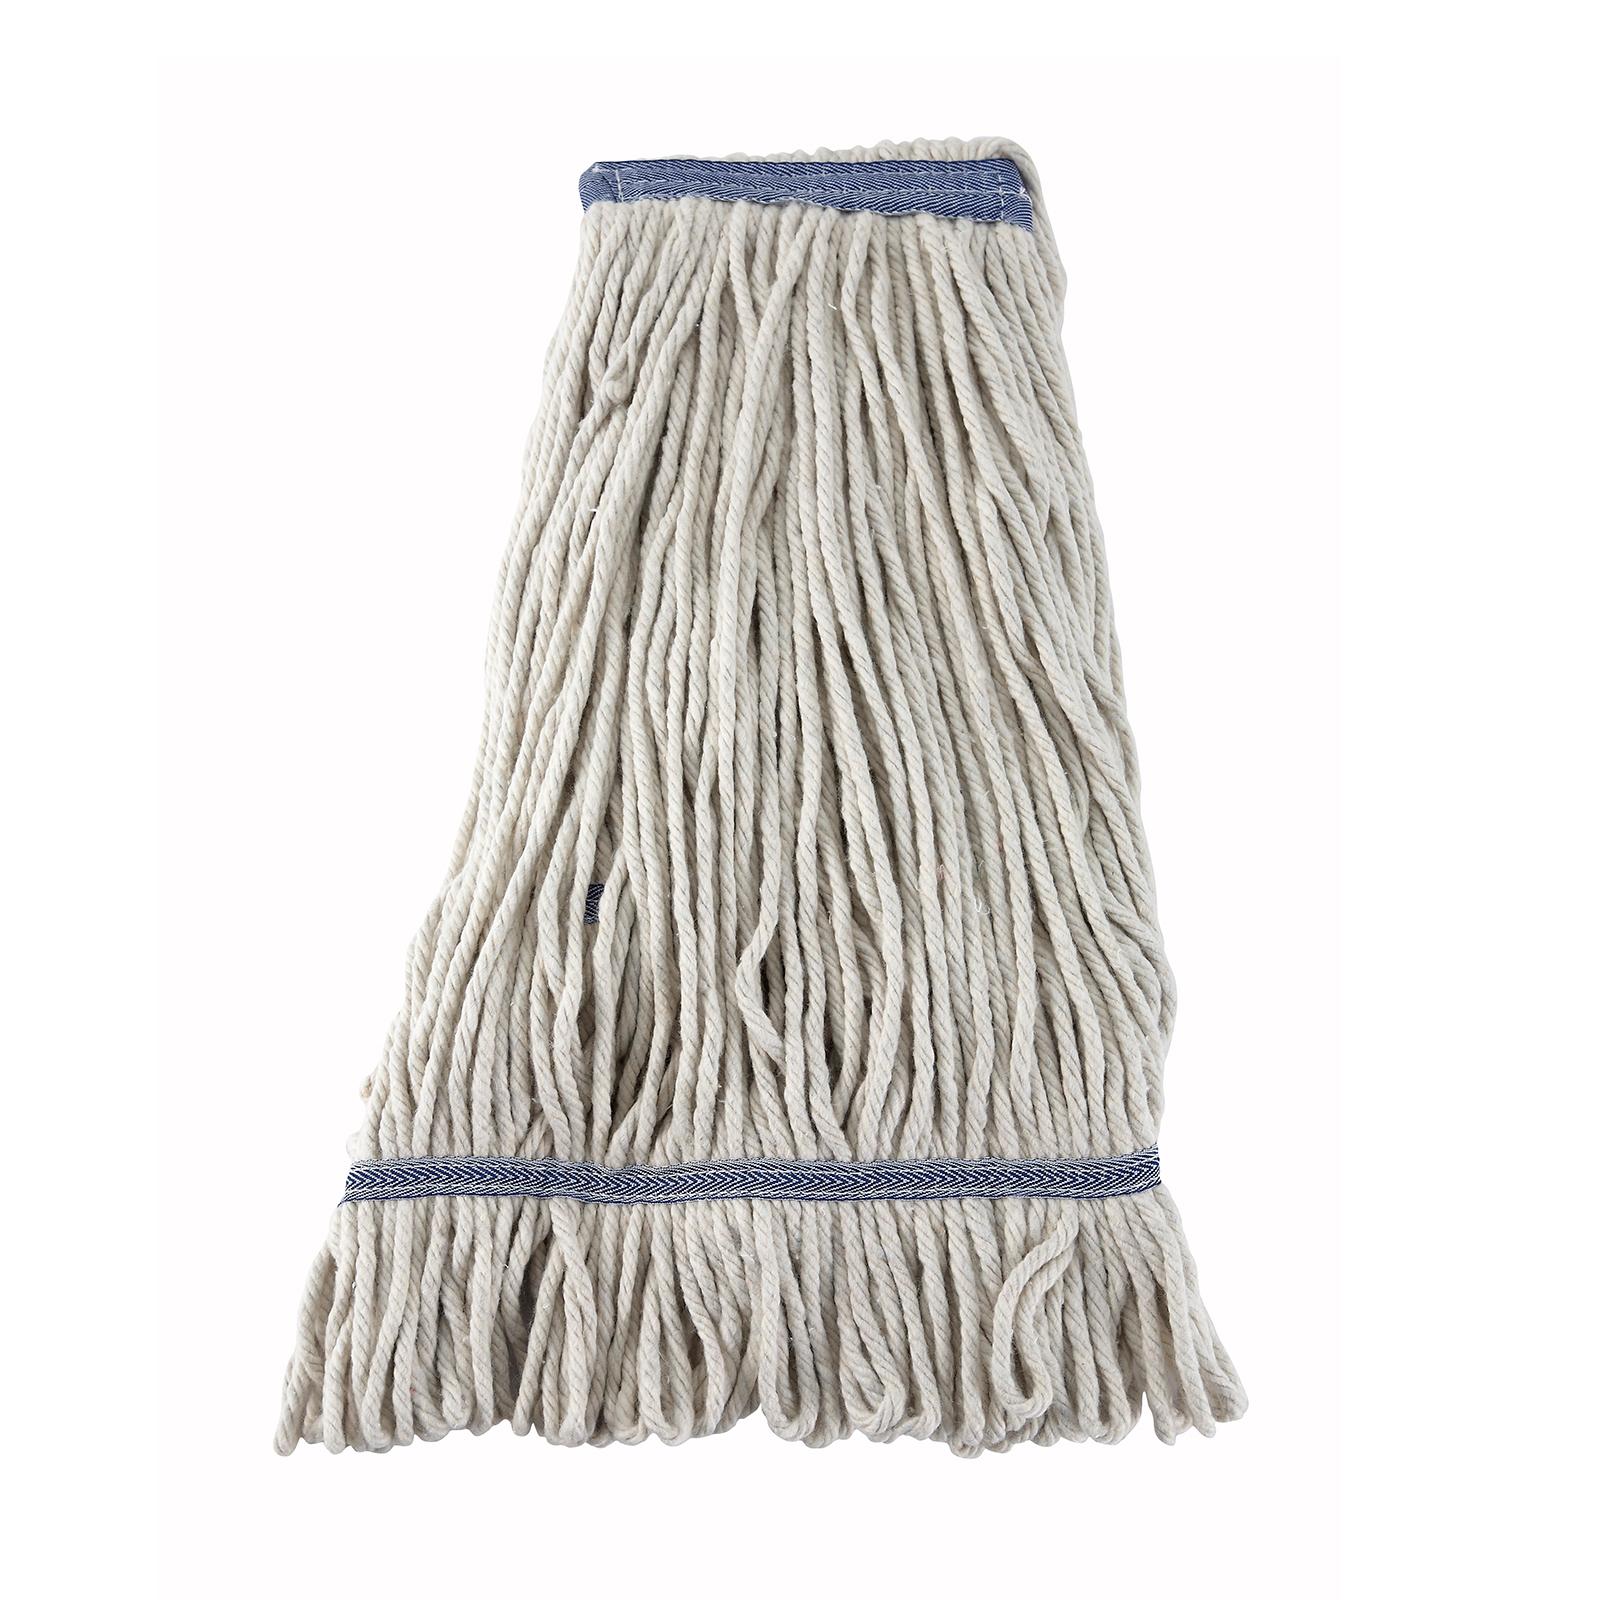 3700-125 Winco MOP-24W wet mop head